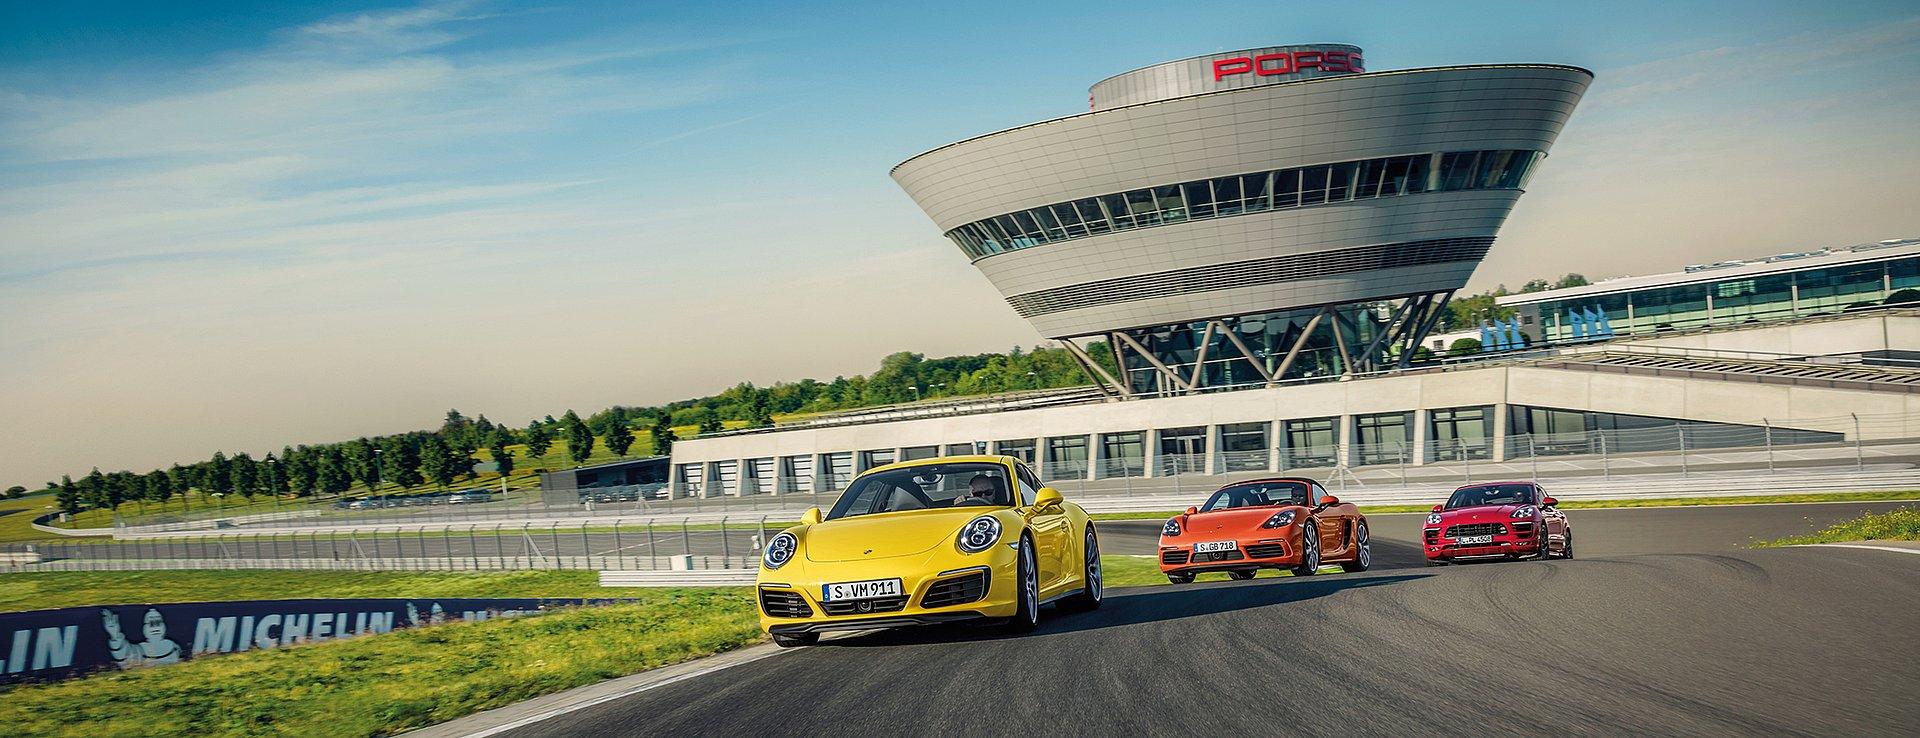 mehr begeisterung pro sekunde unsere erlebnisprogramme - Bewerbung Porsche Leipzig